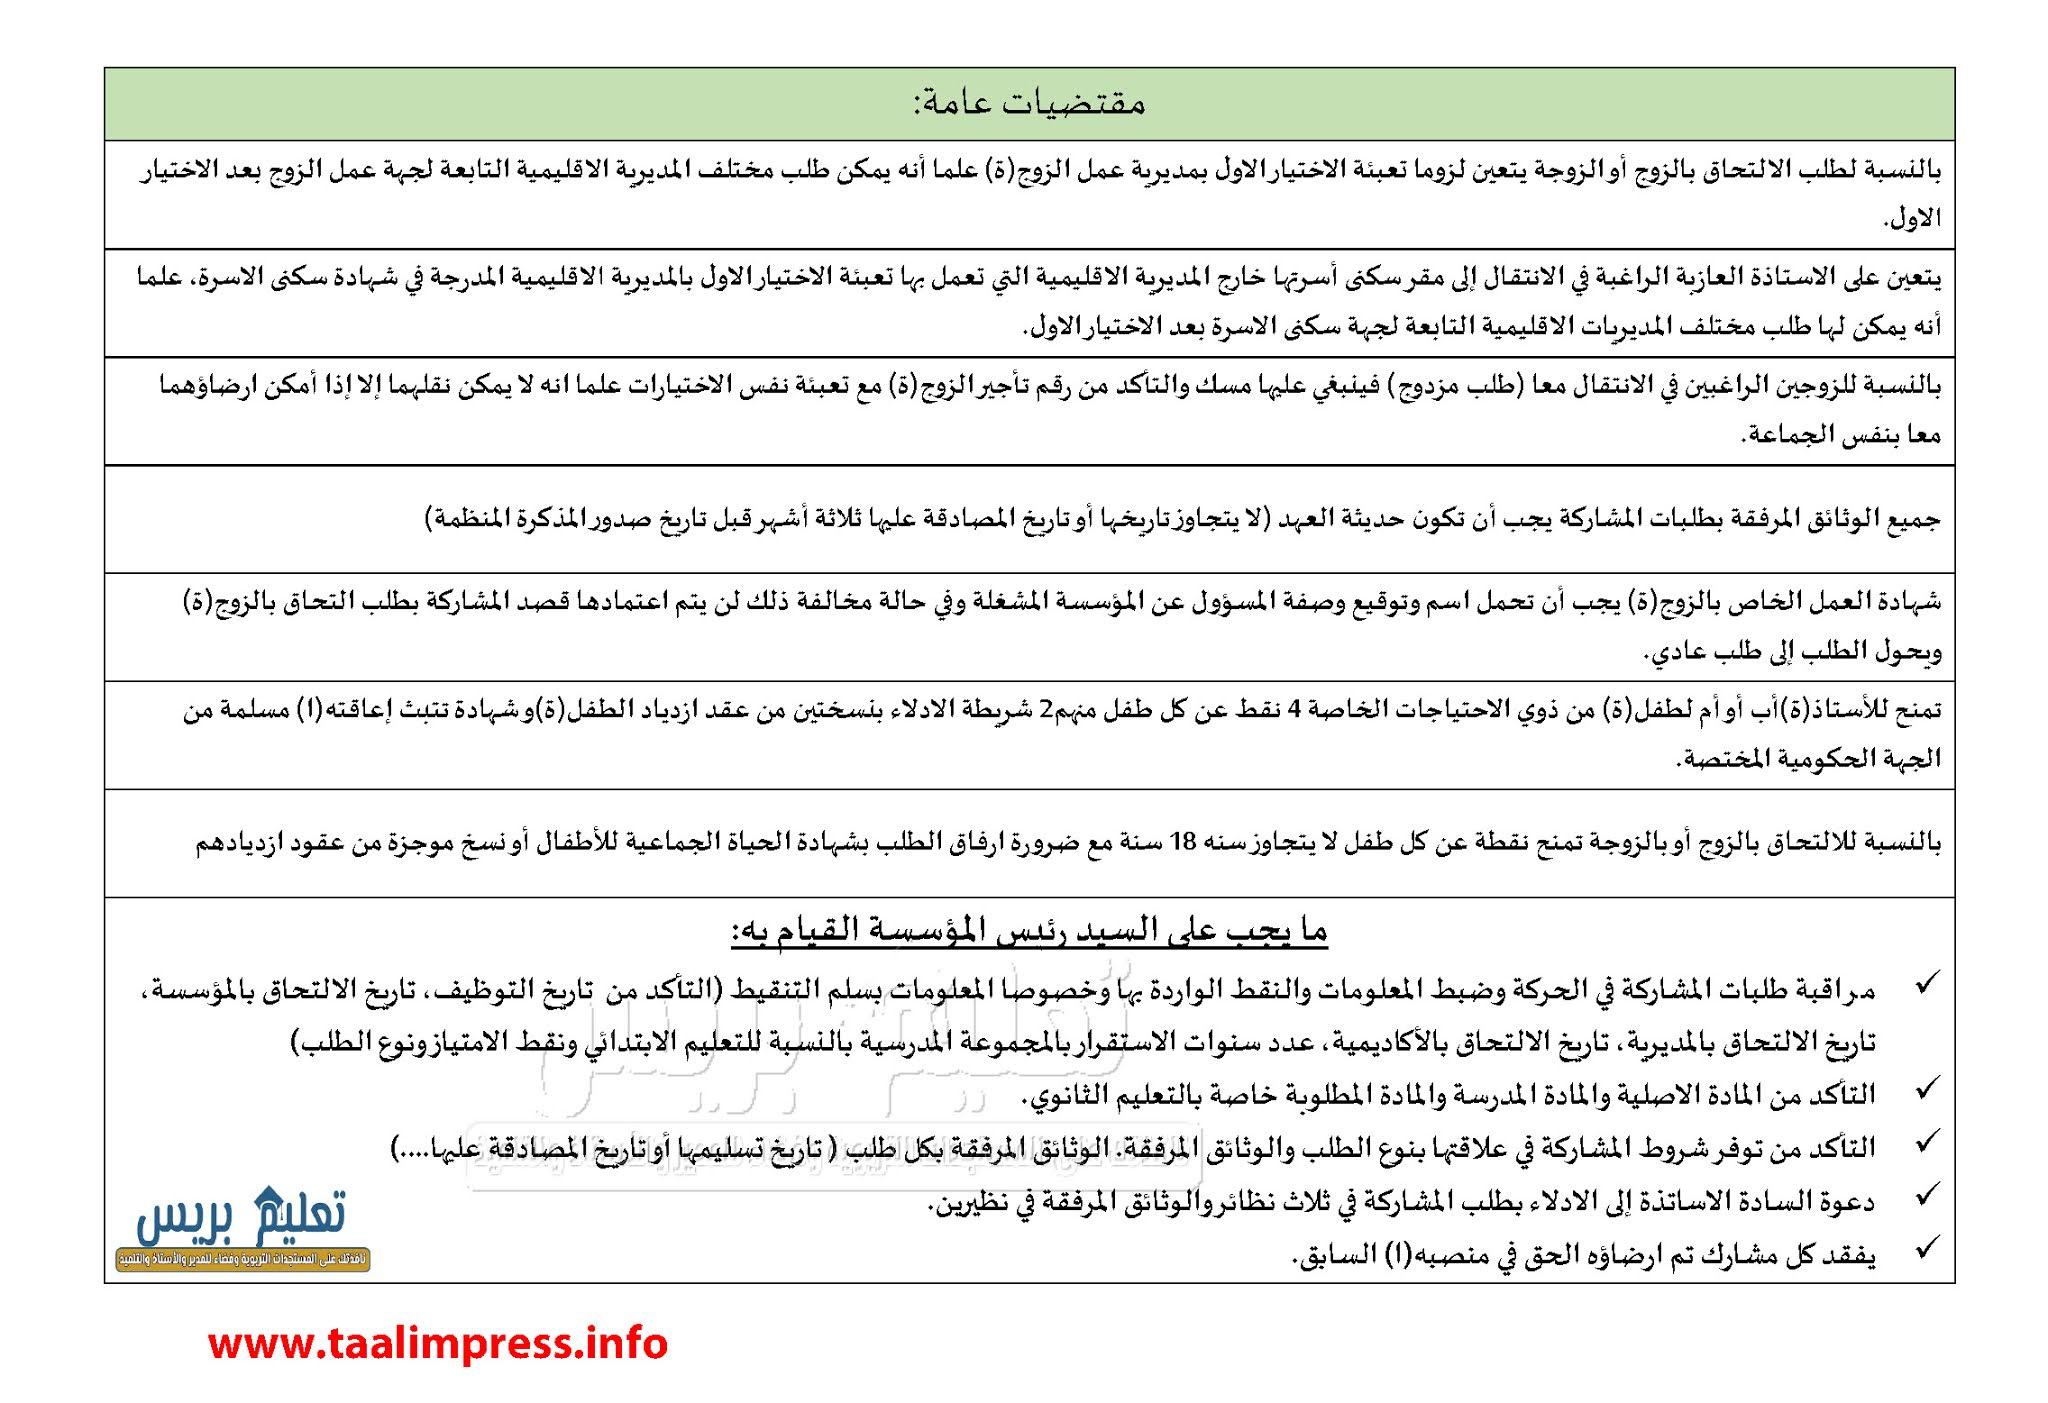 الوثائق المطلوبة لاعداد ملف المشاركة في الحركة الانتقالية التعليمية على ضوء آخر مذكرة منظمة